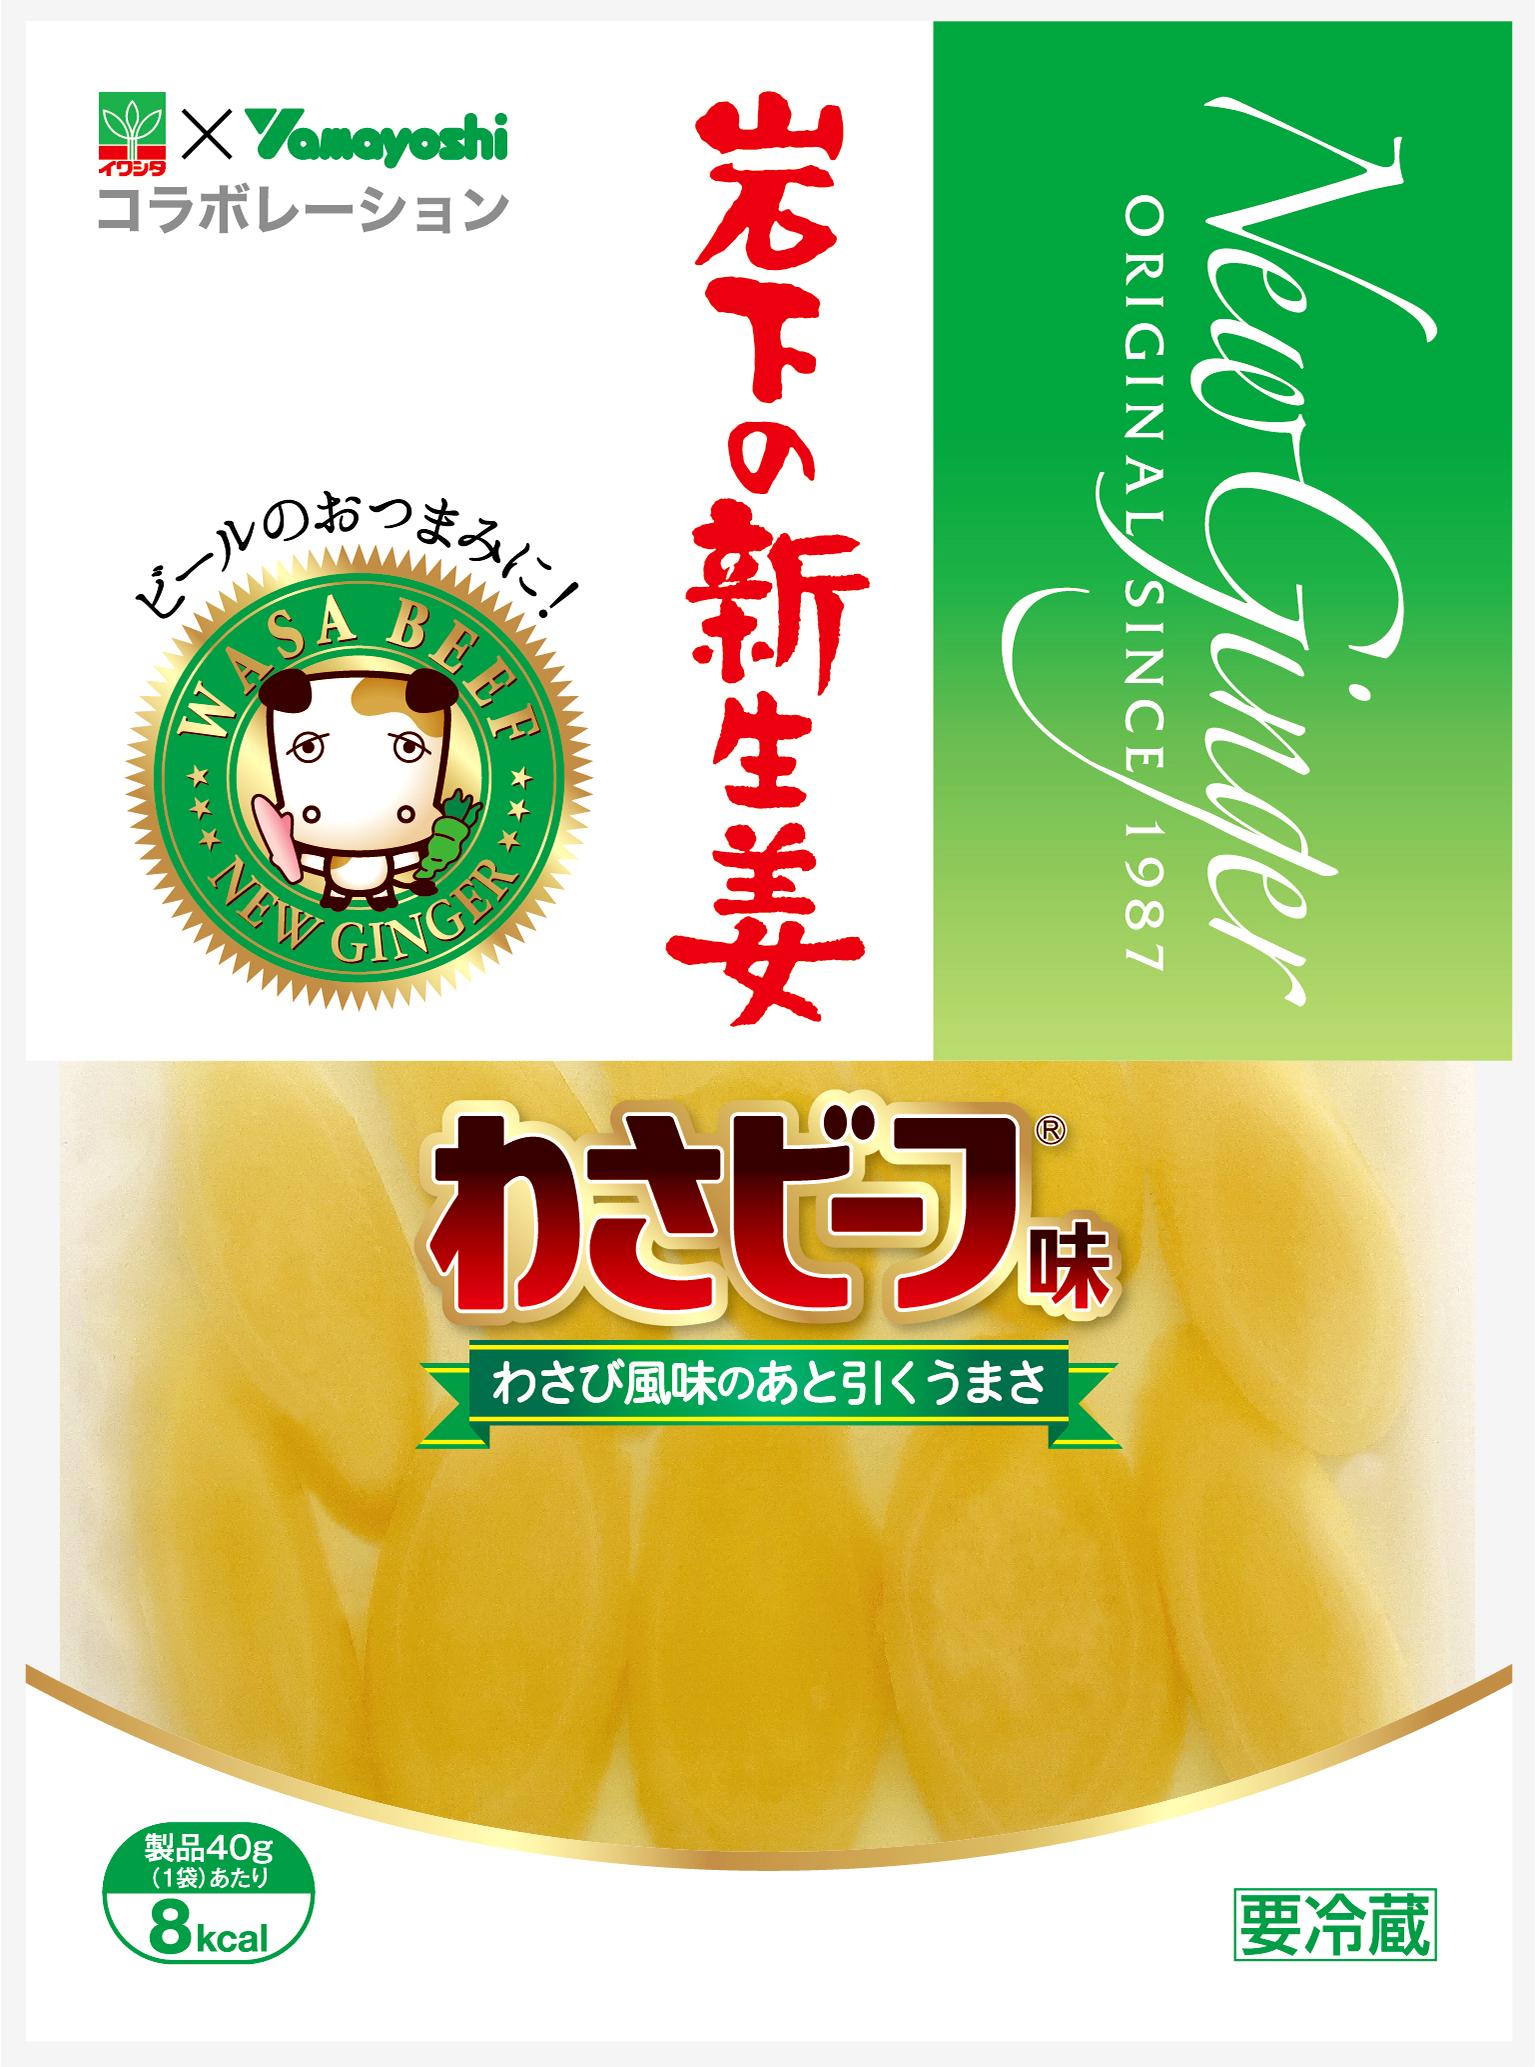 『岩下の新生姜 わさビーフ味』商品パッケージ